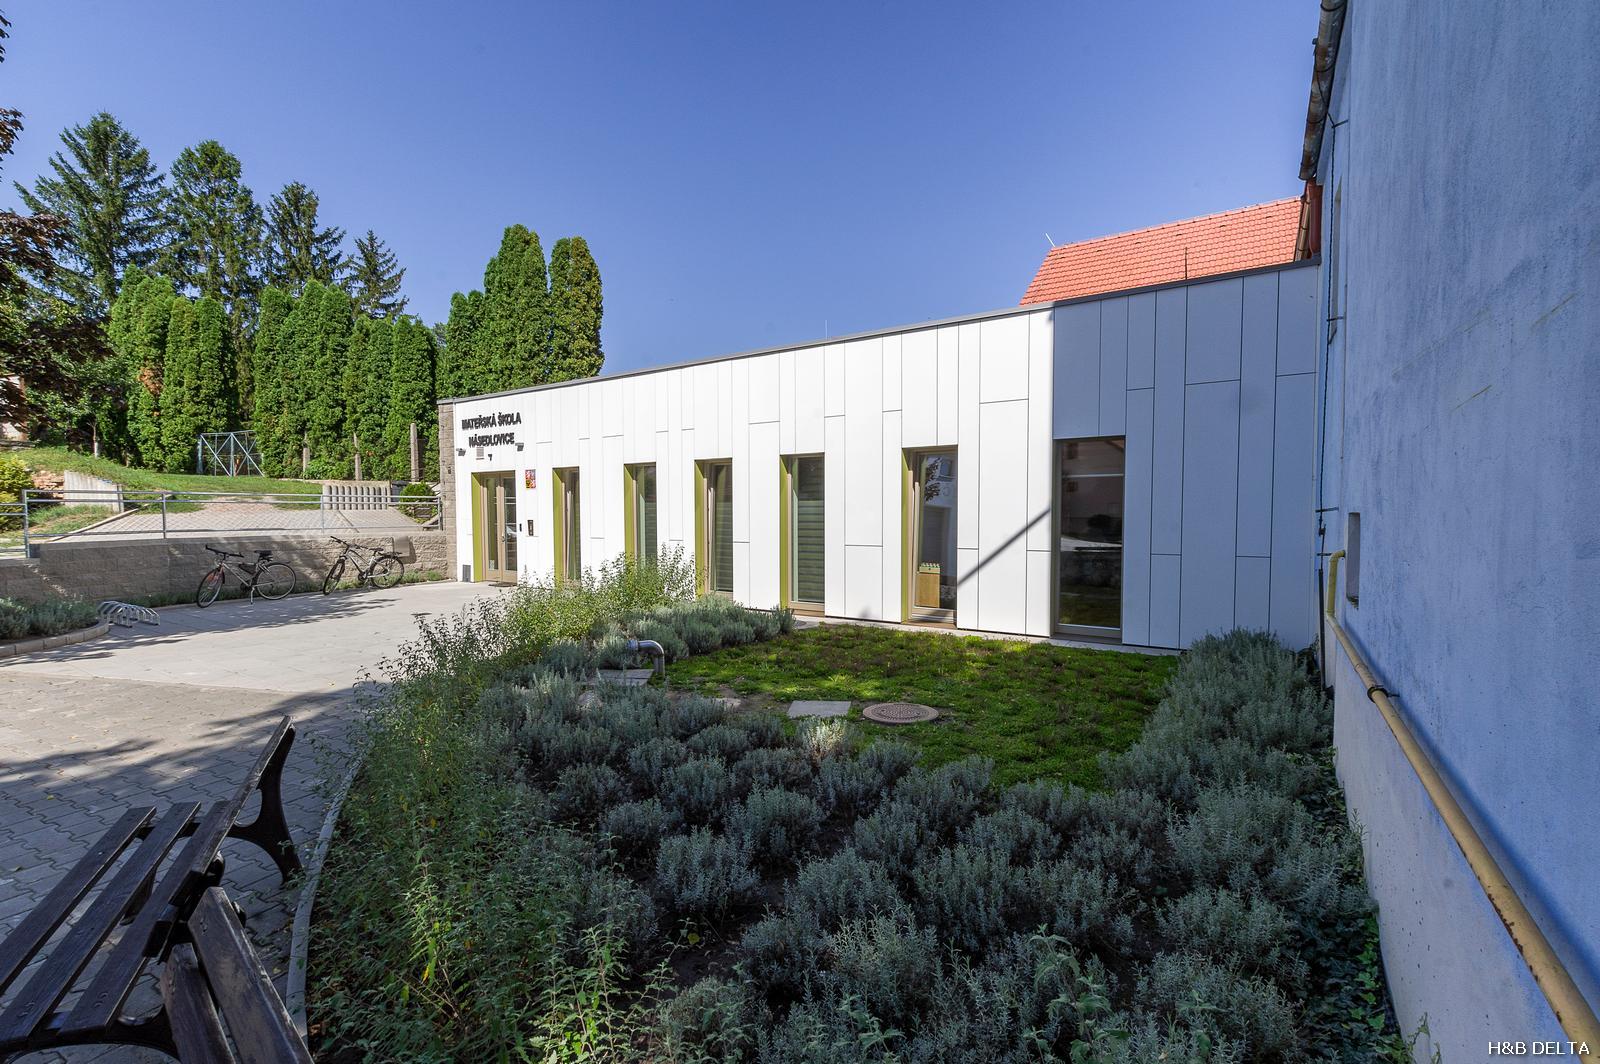 Mateřská škola Násedlovice